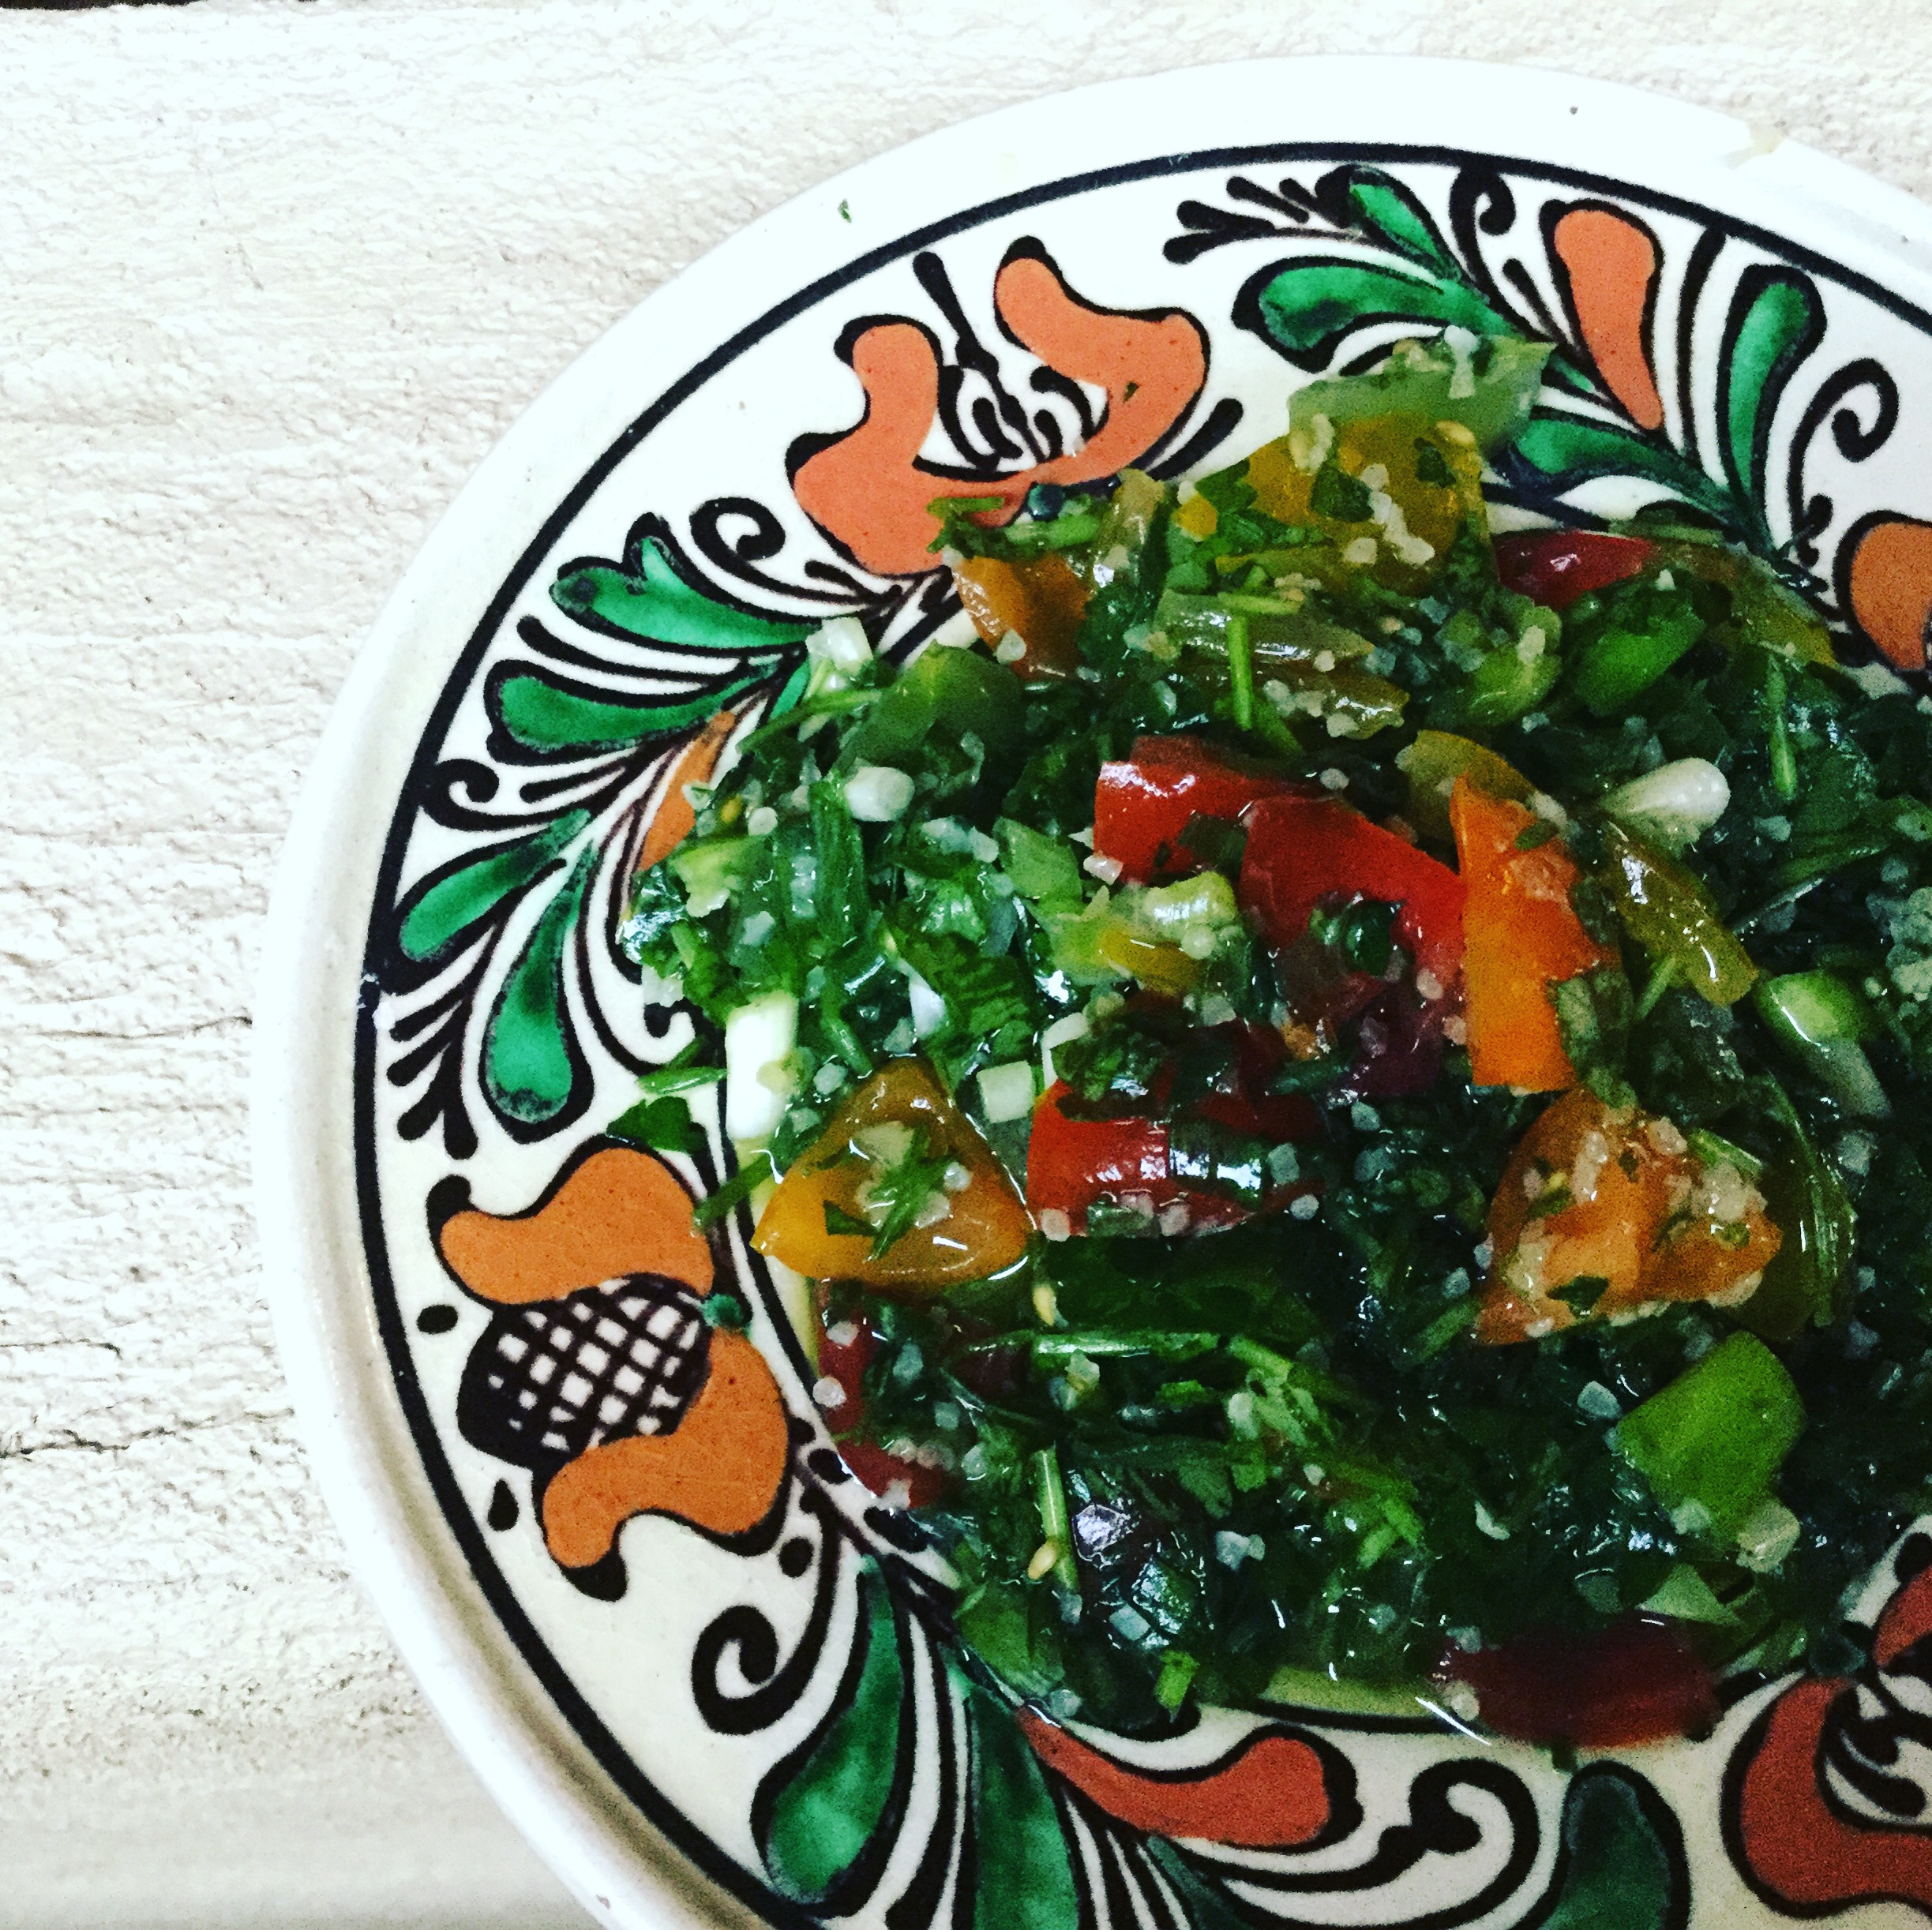 フランスの国民食ブルグル、クスクスとパセリのグリーンサラダ【タブレ】ってどんなの?